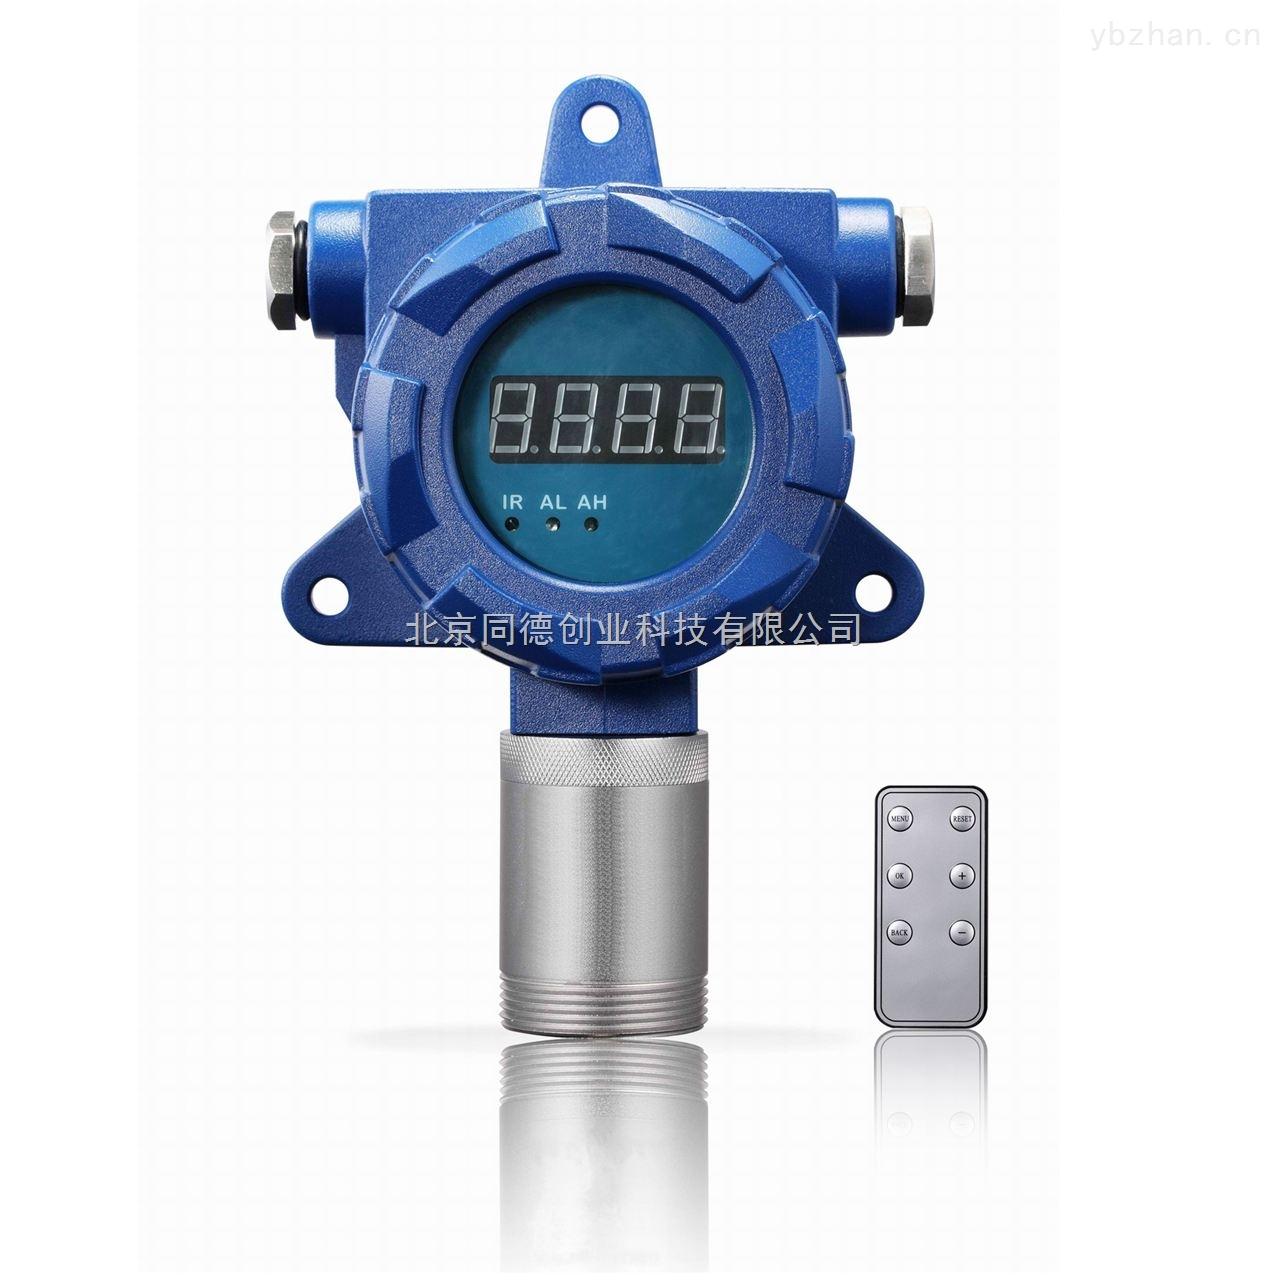 固定式二氧化氮檢測儀QT95H-NO2/在線式二氧化氮氣體檢測儀